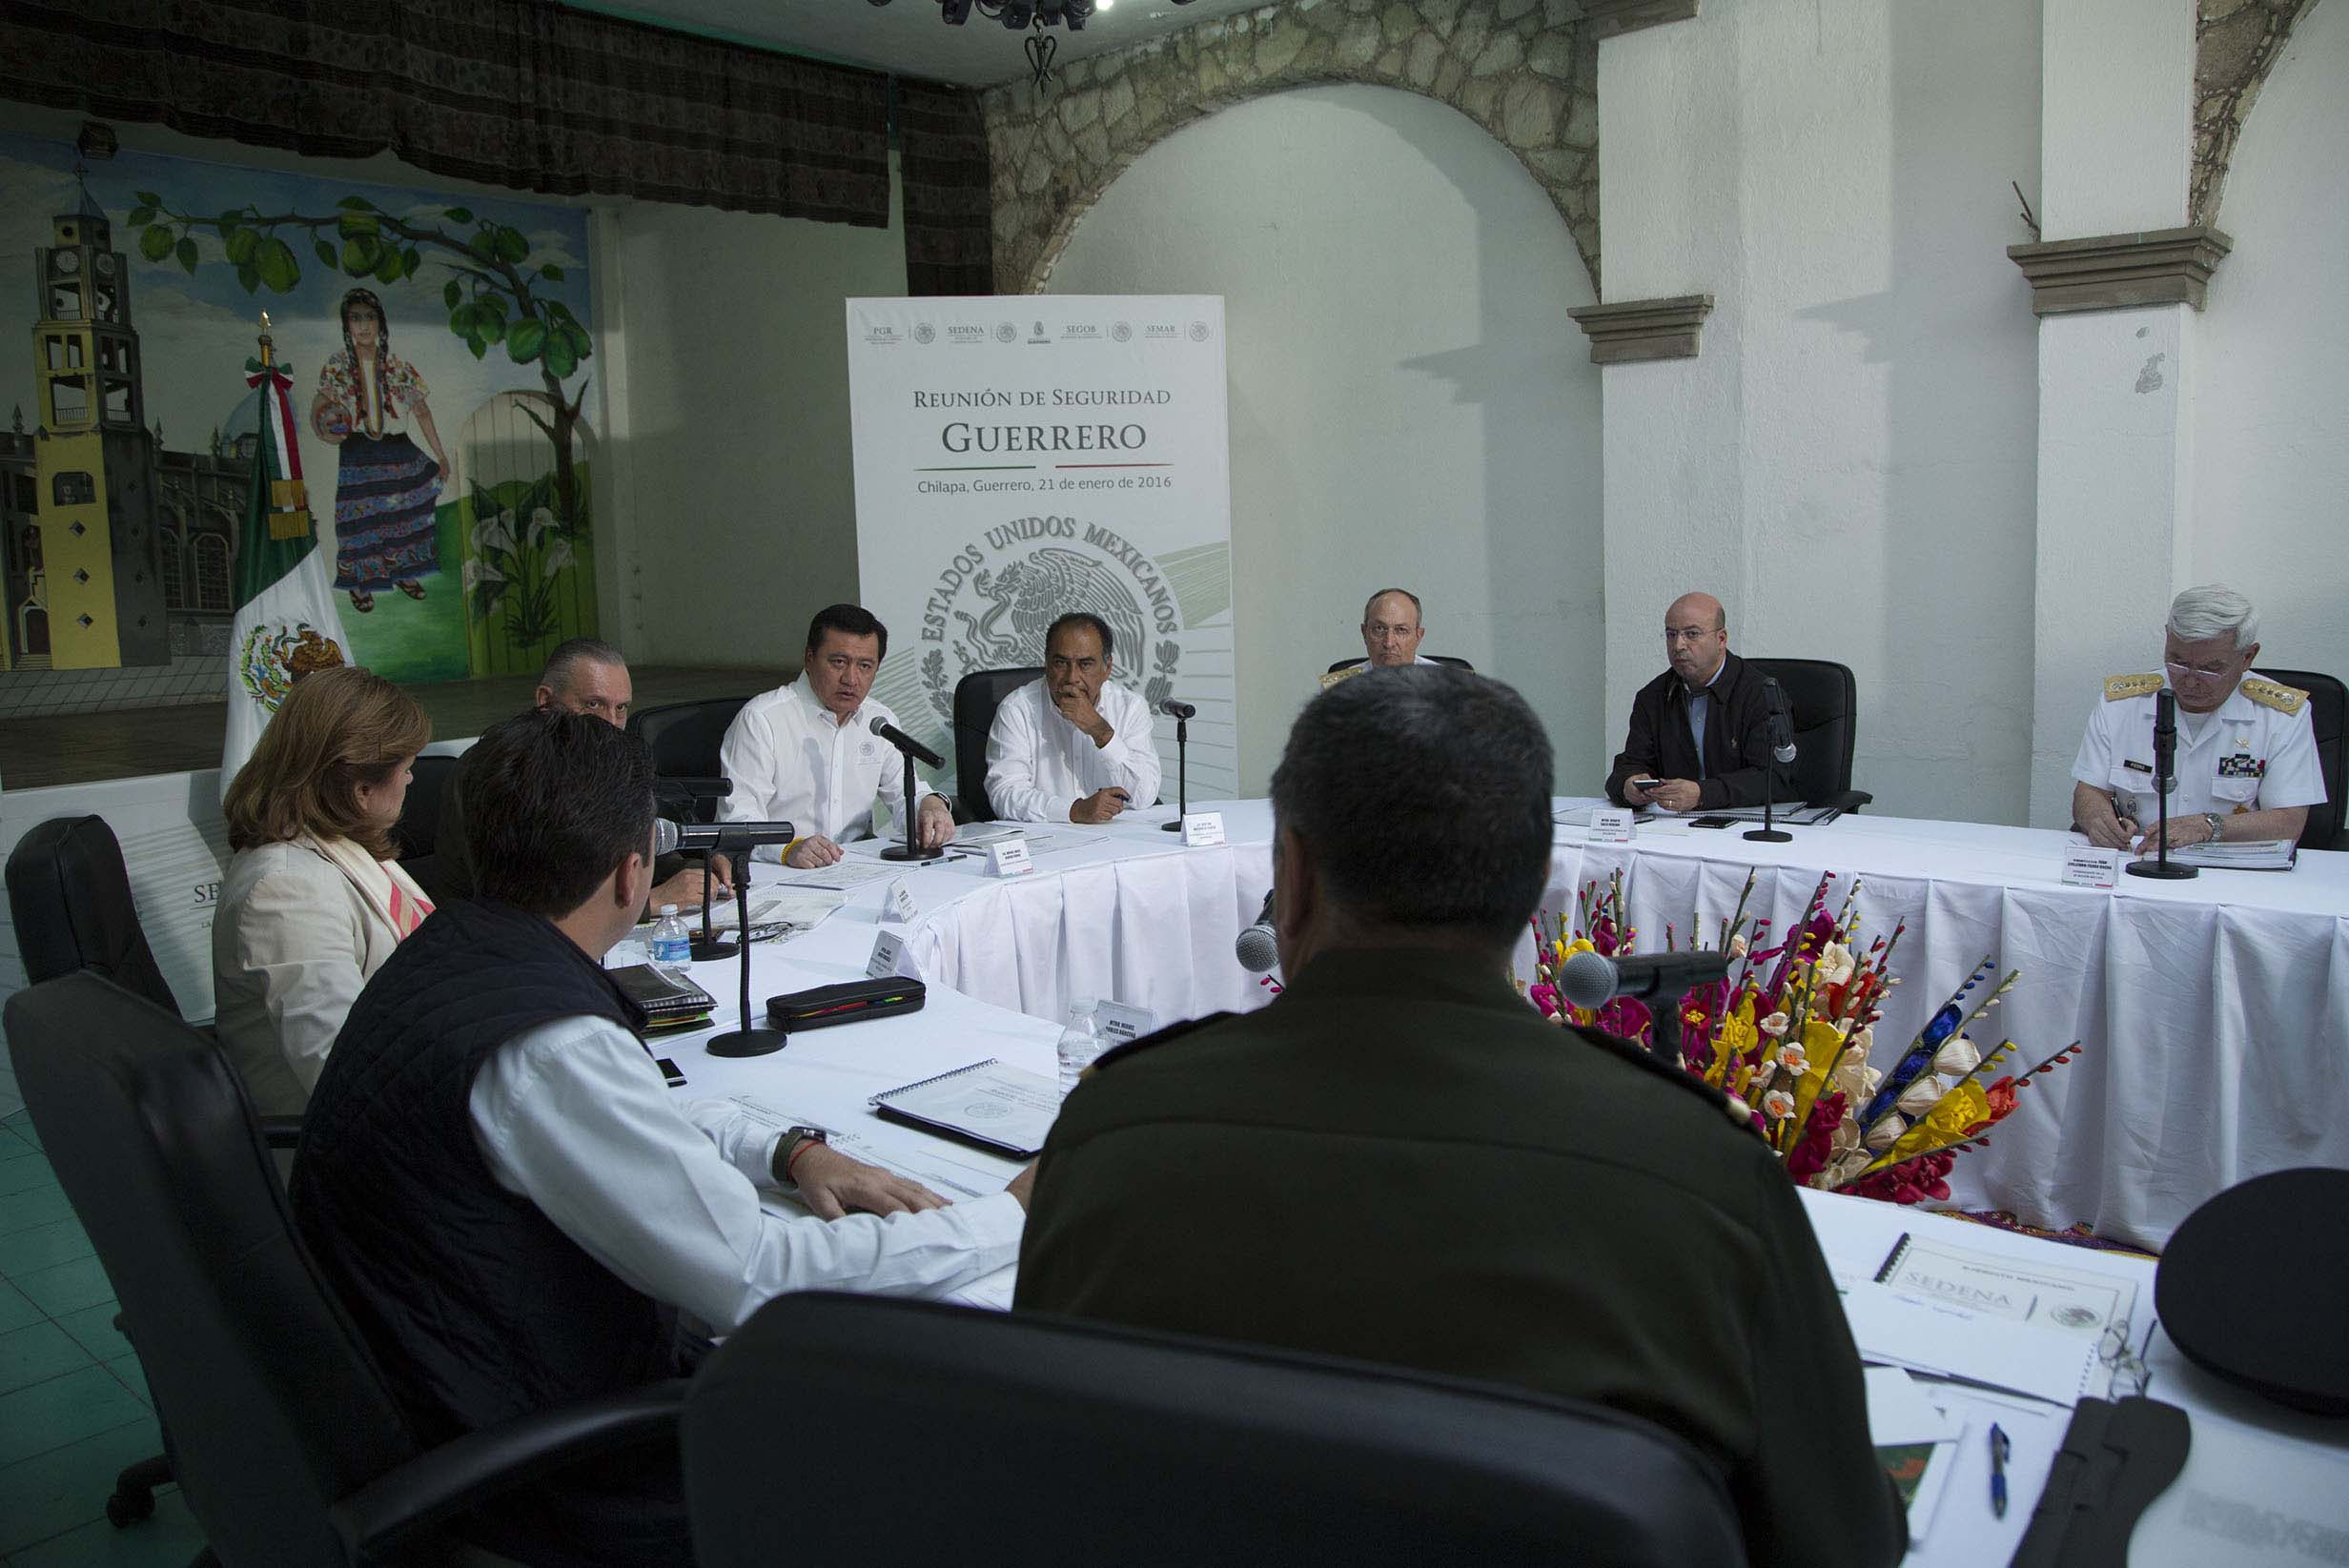 Miguel Ángel Osorio Chong, Secretario de Gobernación, encabezó una reunión de seguridad y de evaluación del Plan Nuevo Guerrero en Chilapa de Álvarez, Guerrero.